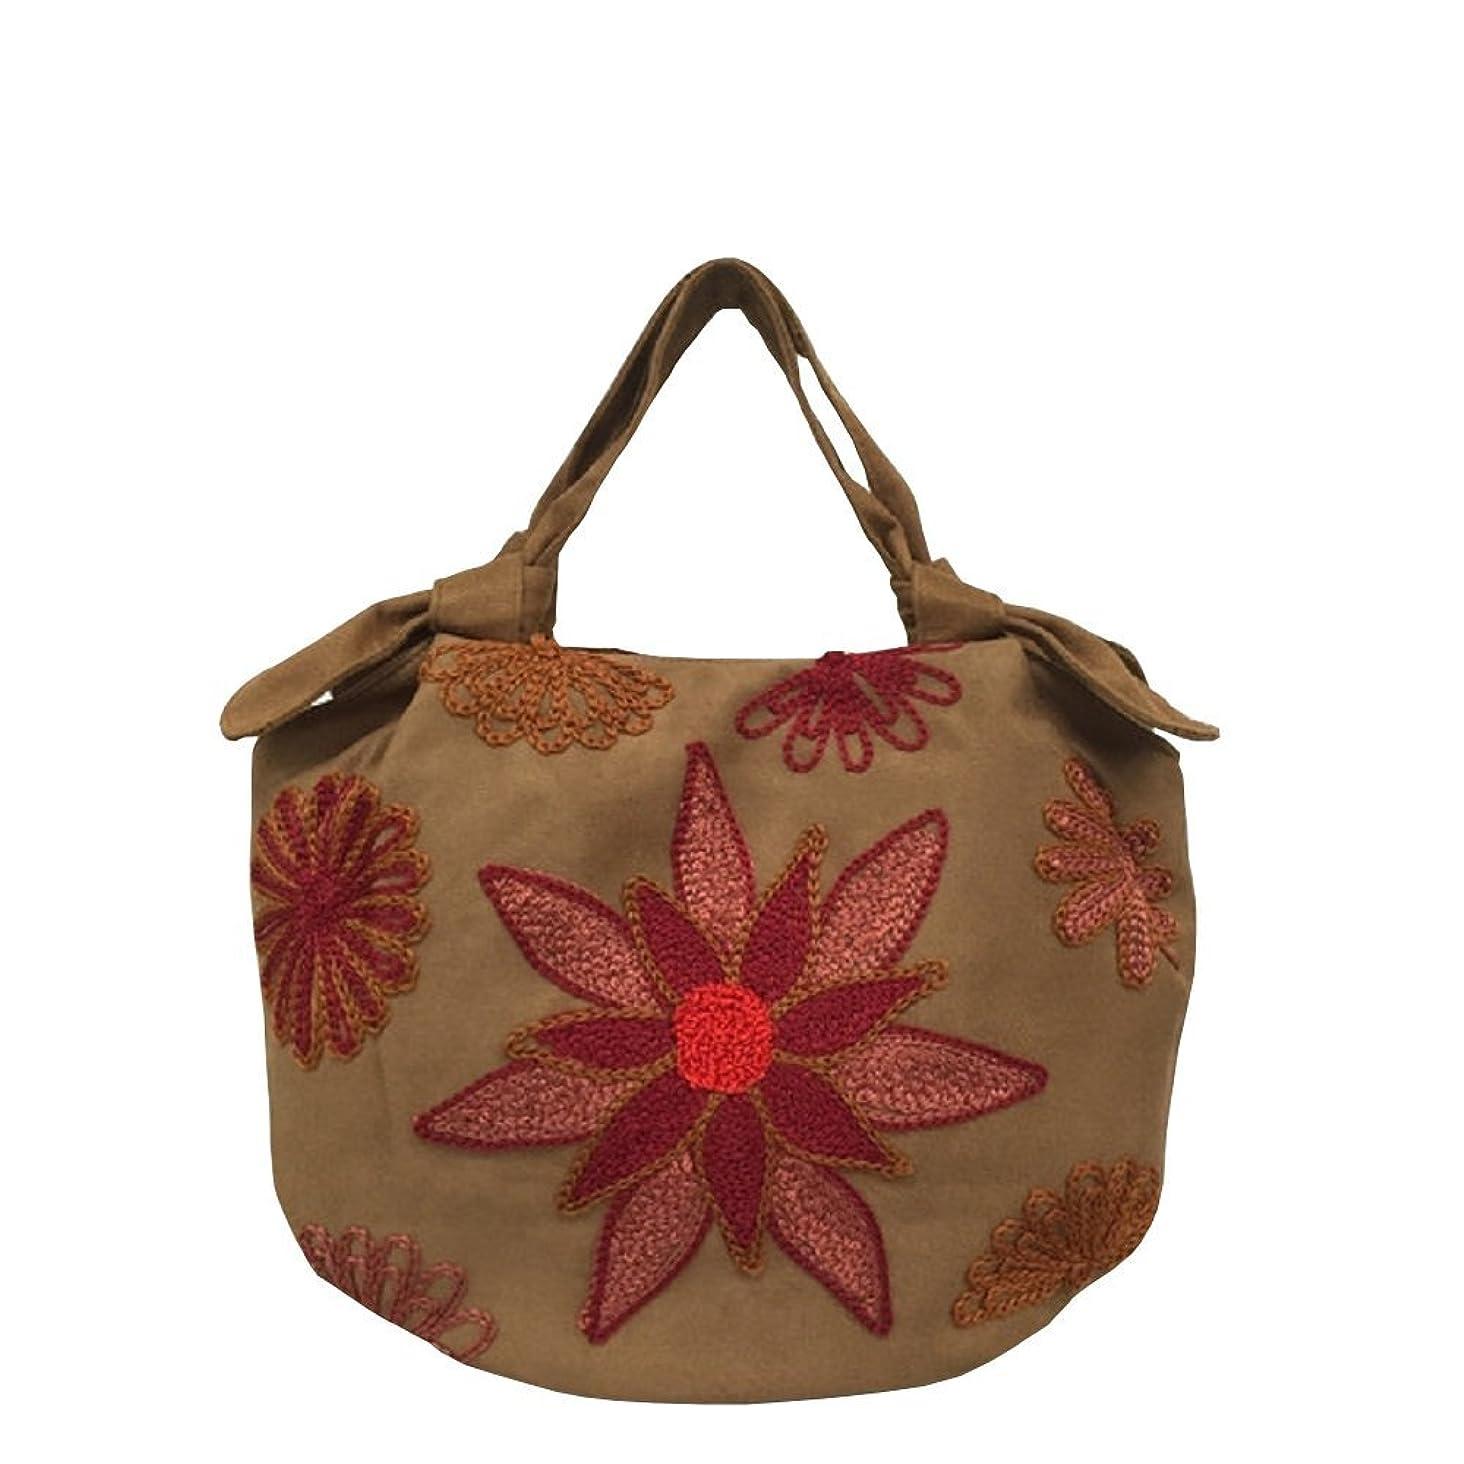 顧問宗教ピューベトナムバッグ 刺繍 ハンドバッグ 手提げ 鞄 両面刺繍 ベトナム雑貨 花柄